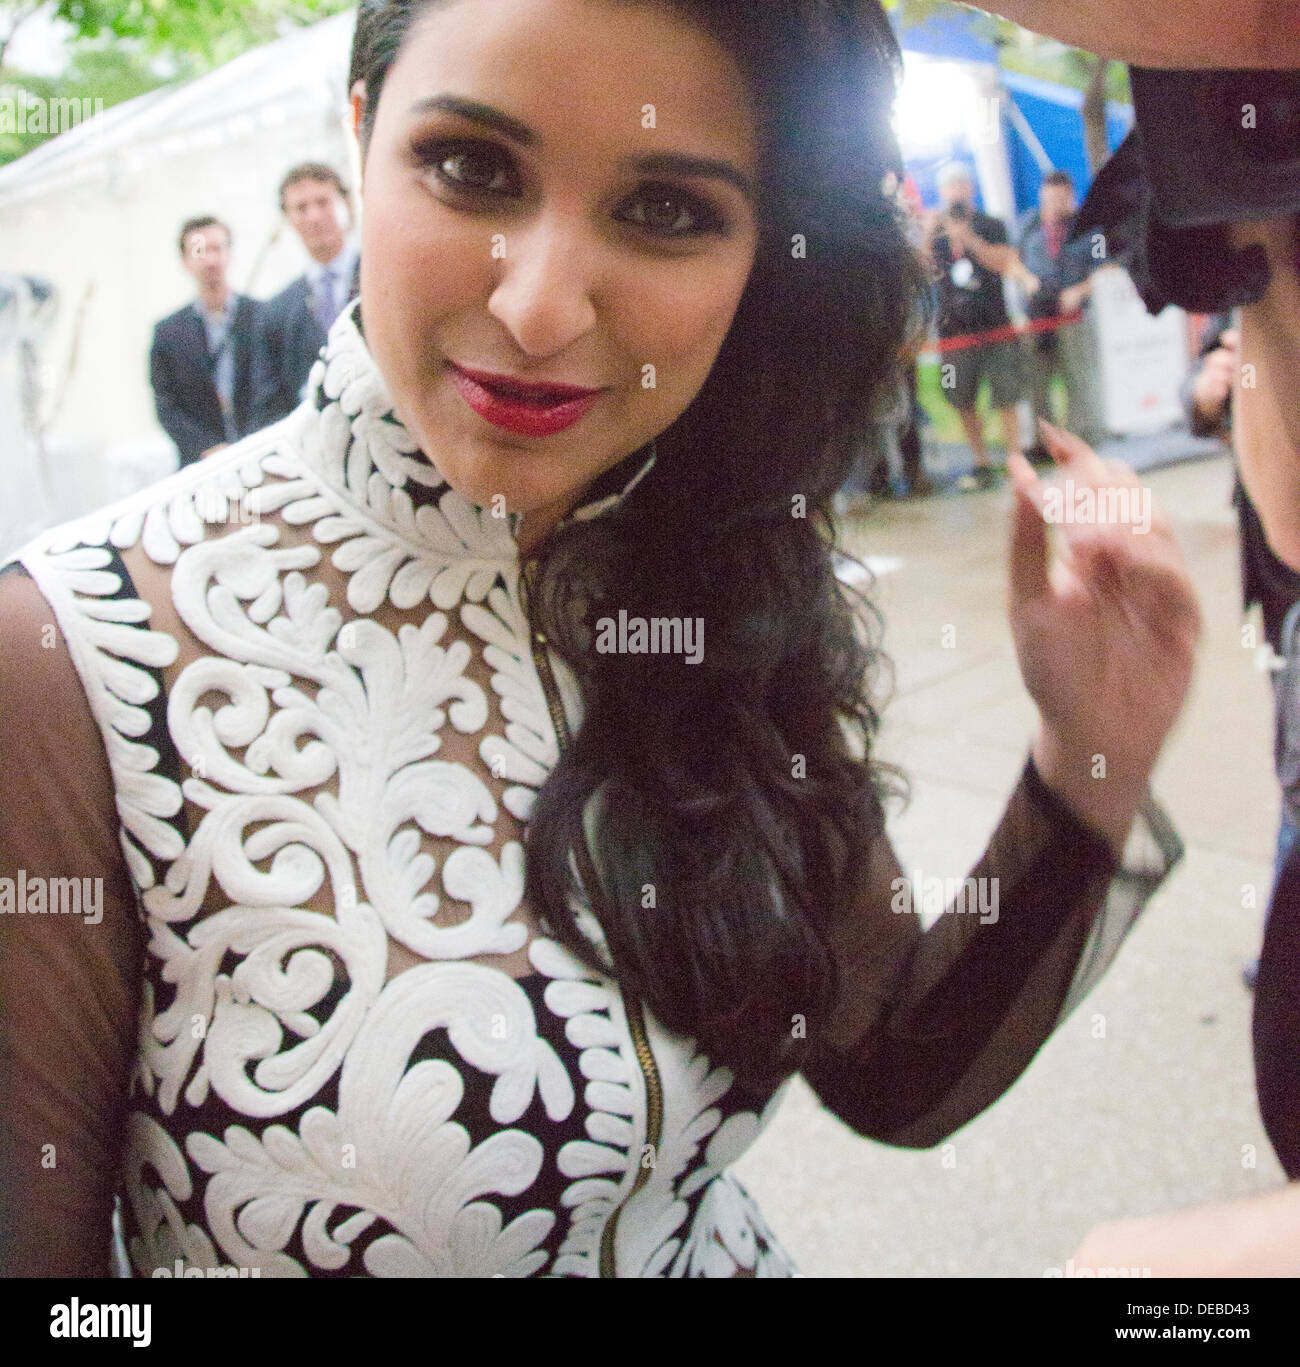 """TORONTO, ON - 11.September: Schauspielerin Parineeti Chopra kommt bei der """"A Random Desi Romance"""" Premiere während der 2013 Toronto International Film Festival in der Roy Thomson Hall am 11. September 2013 in Toronto, Kanada. Stockbild"""